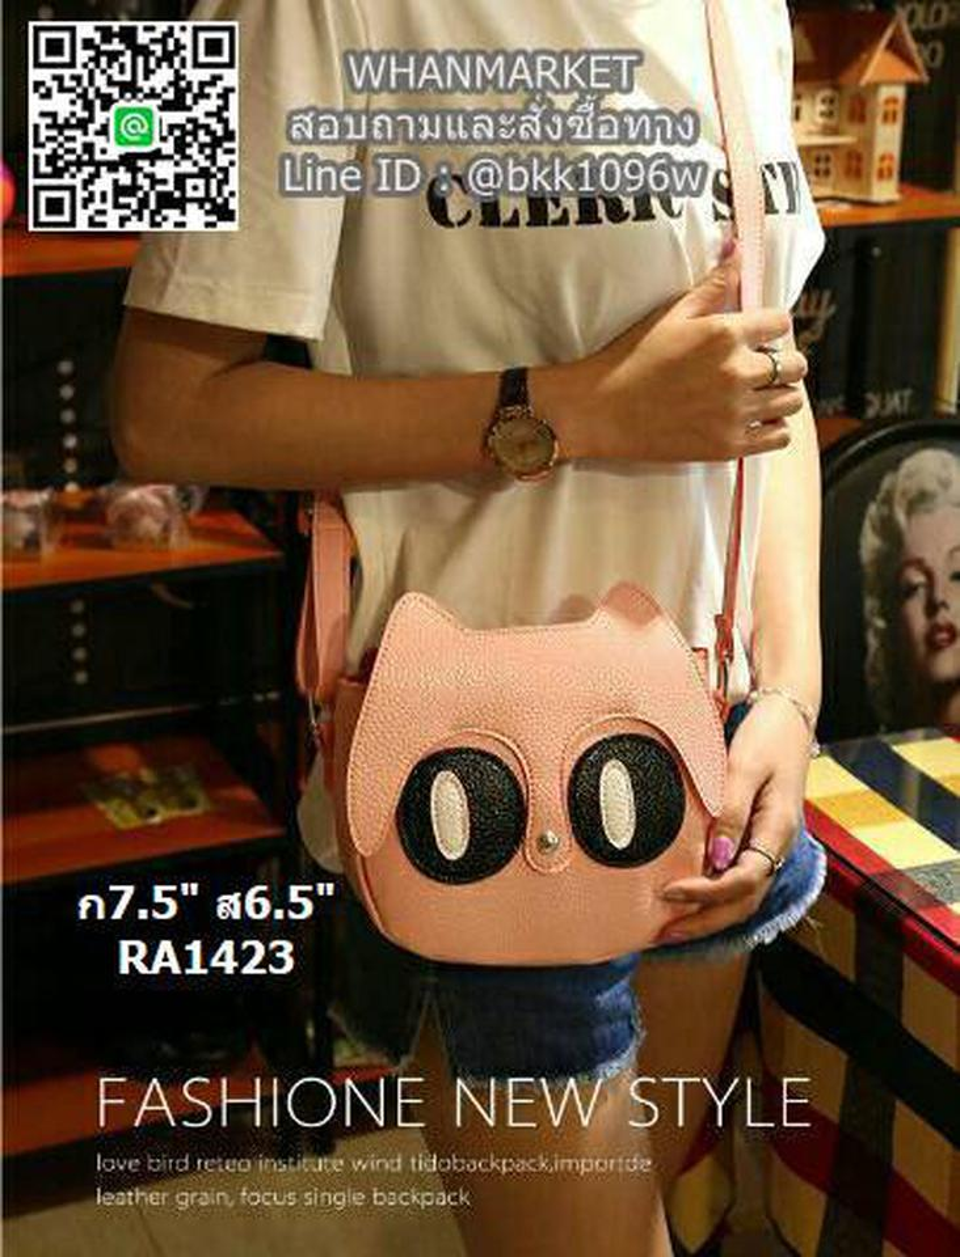 กระเป๋าสะพายแฟชั่น น่ารัก มีตาโต วัสดุหนัง PU คุณภาพดี รูปที่ 2